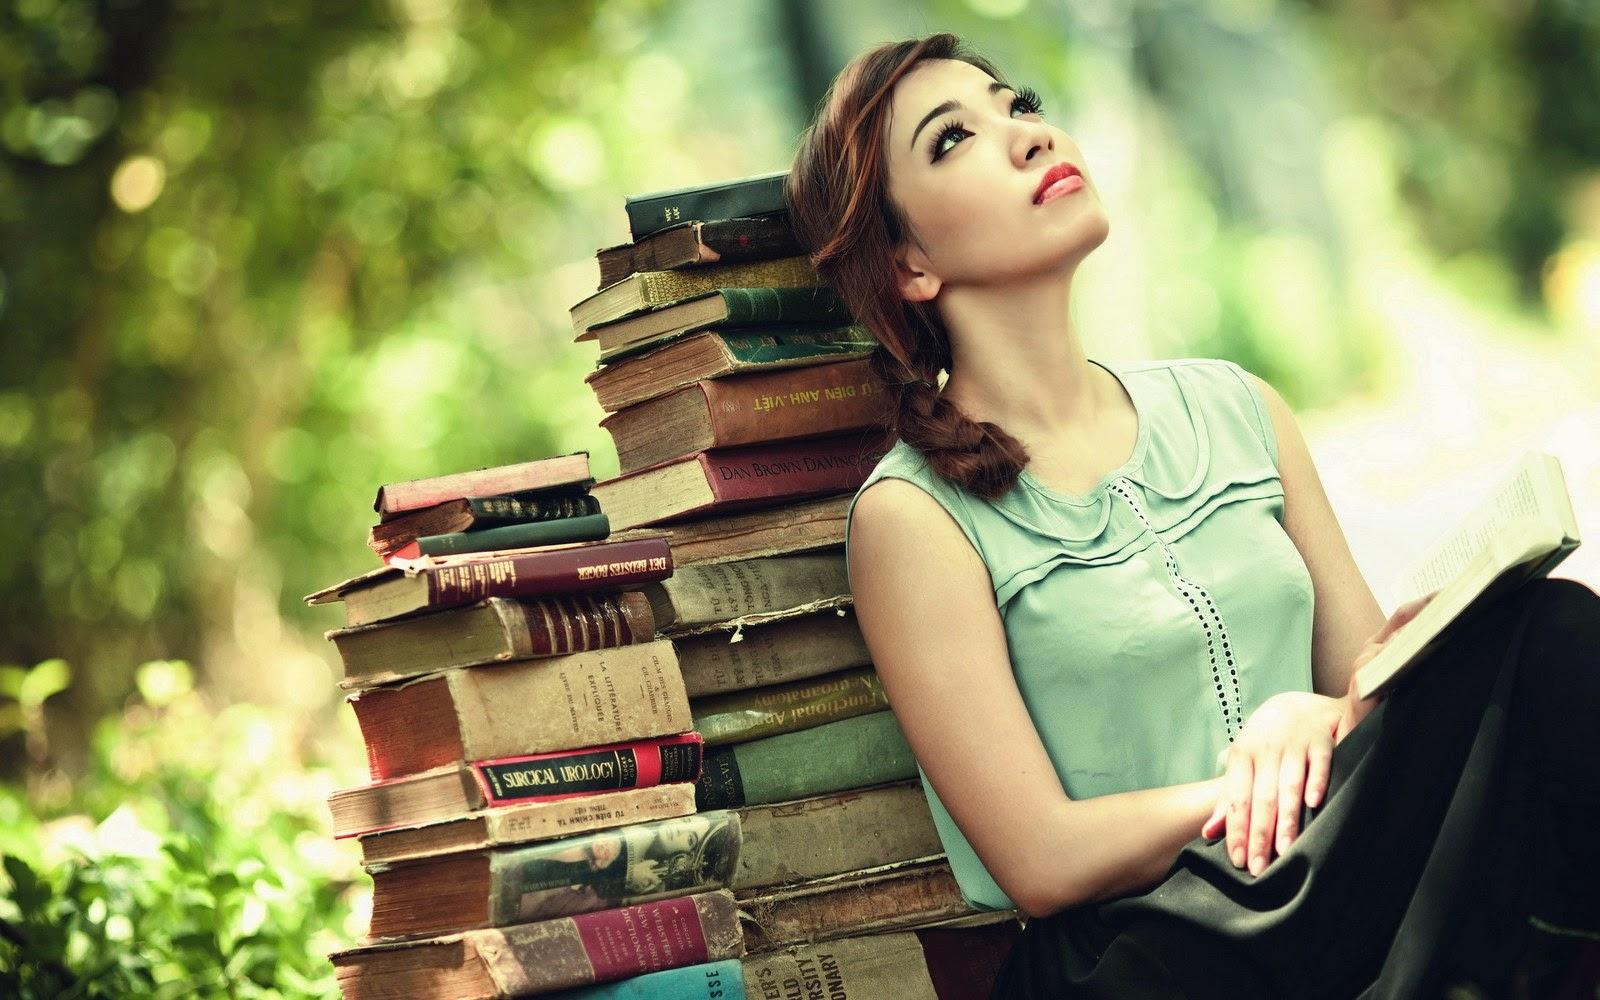 Αποτέλεσμα εικόνας για girls reading books